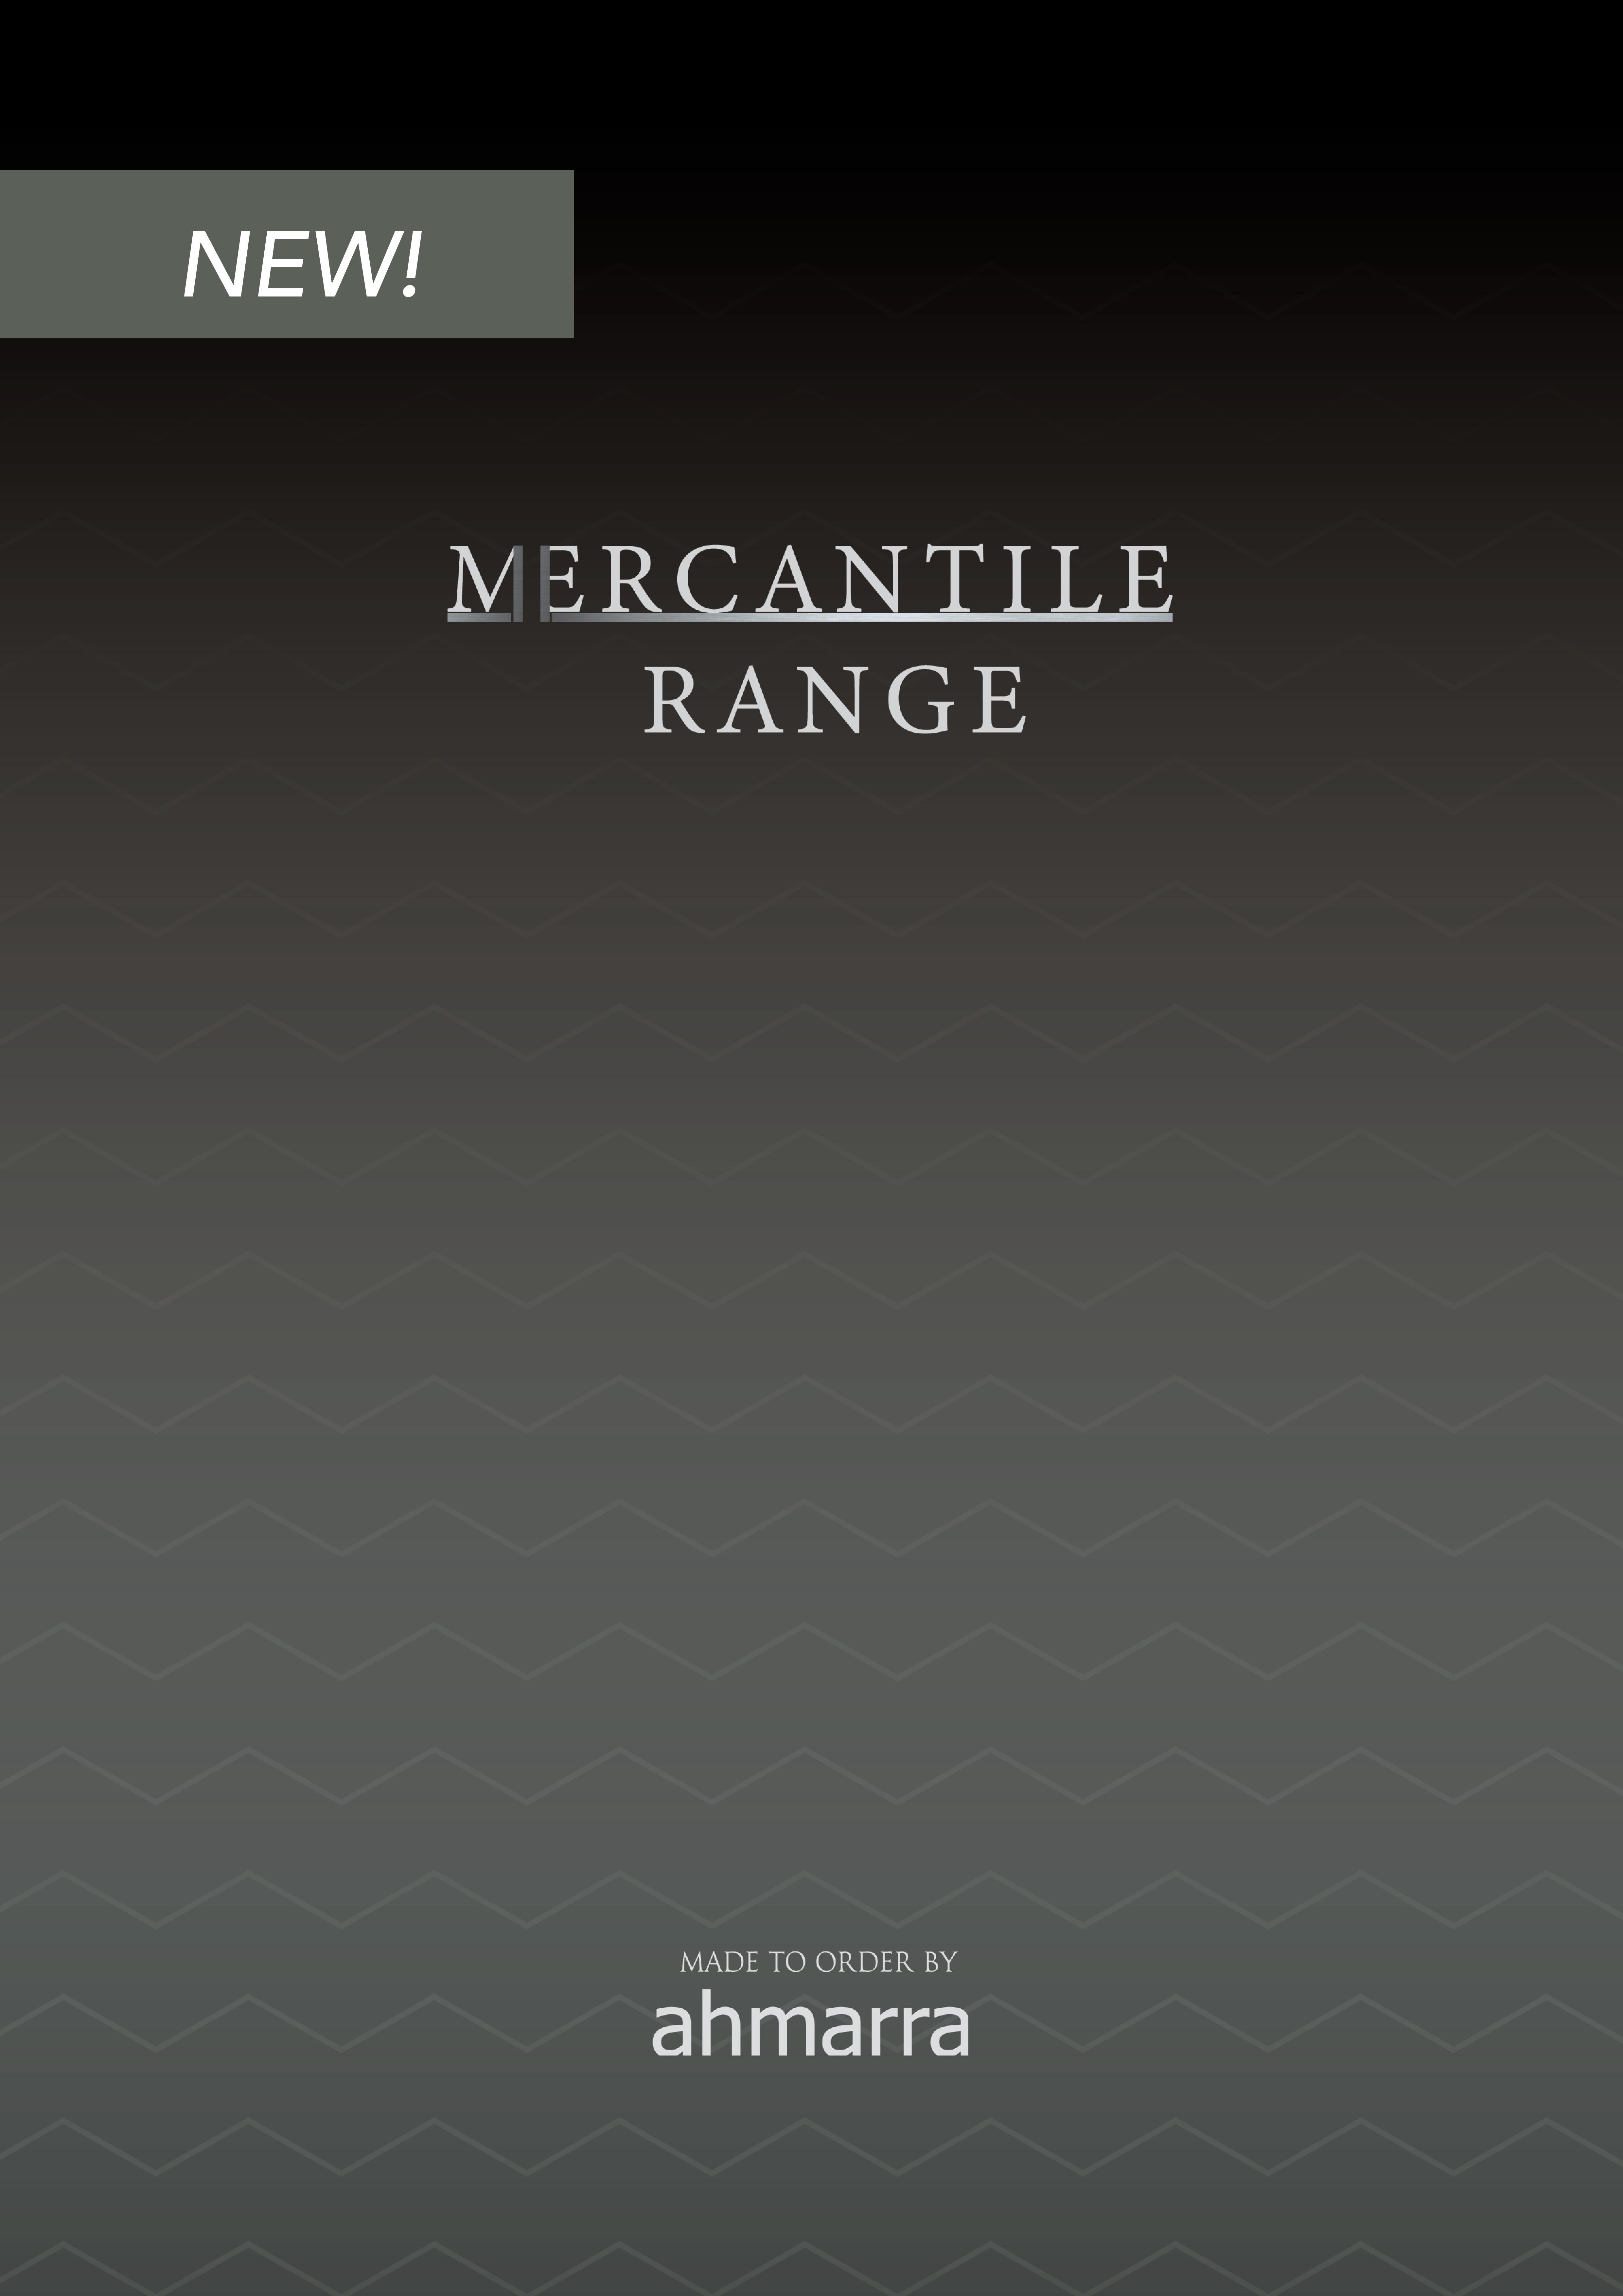 Mercantile Range Brochure | Ahmarra Door Solutions